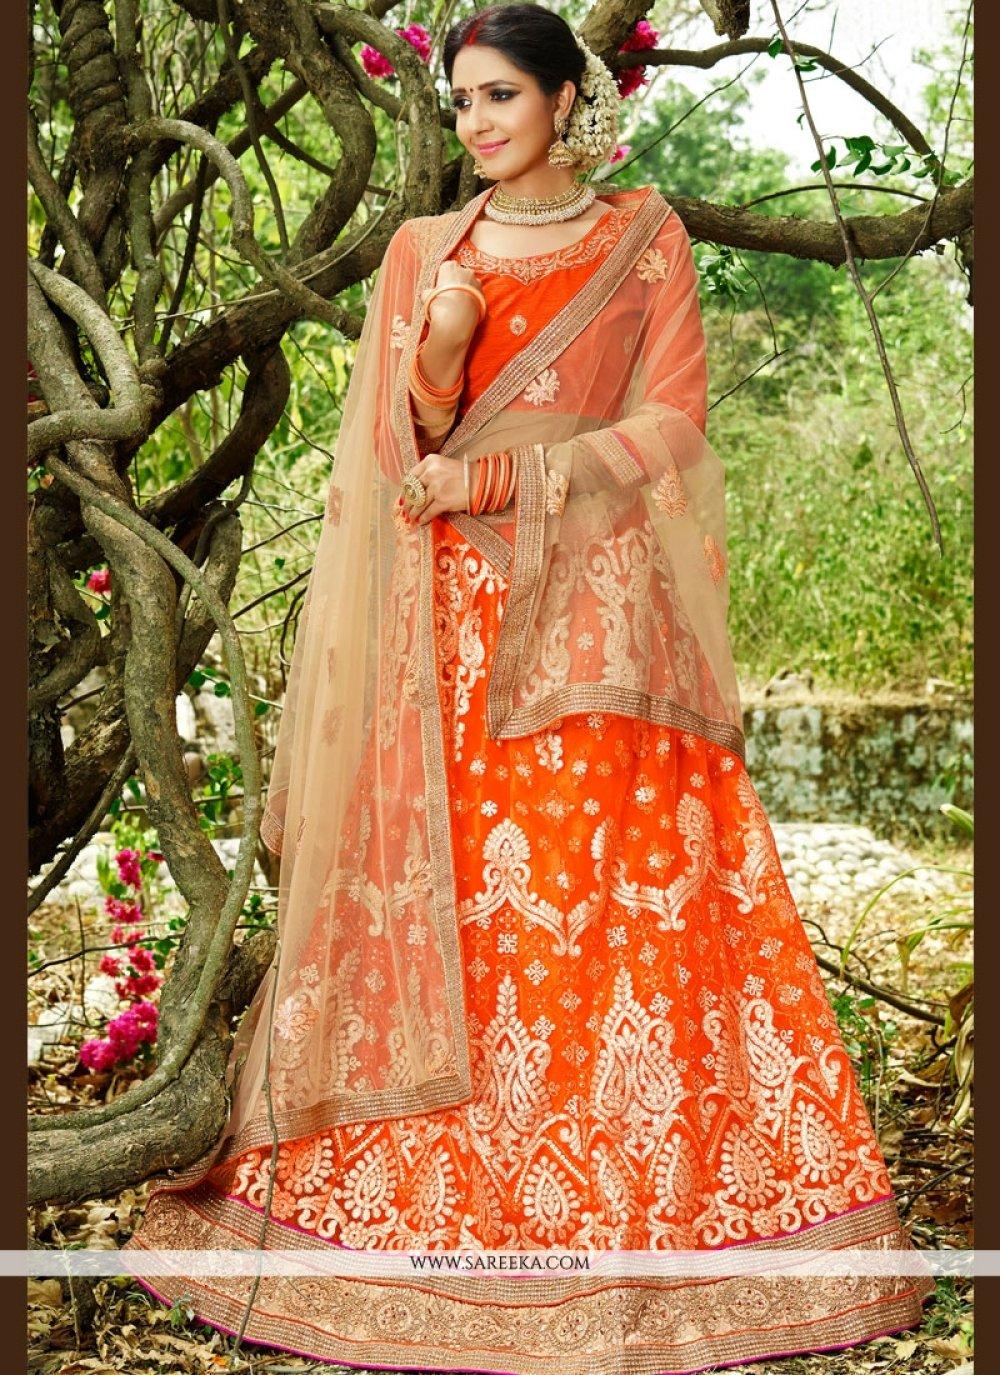 Lace Work Orange Lehenga Choli